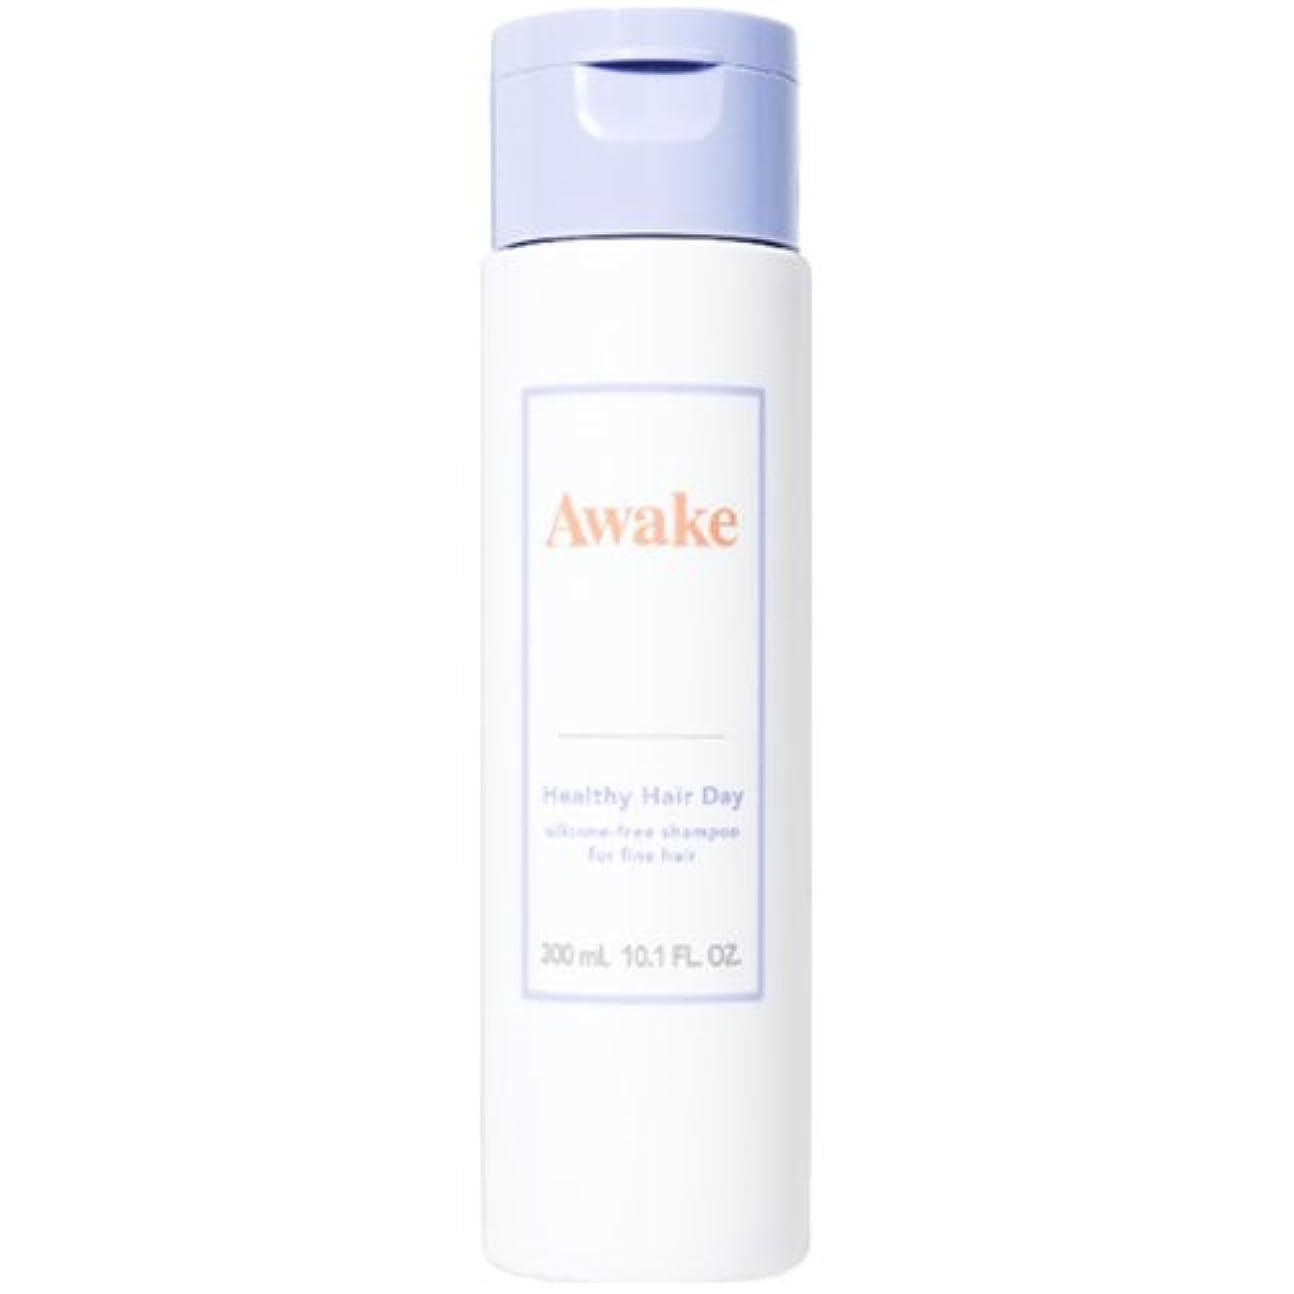 ナイトスポット嫌な欺くアウェイク(AWAKE) Awake(アウェイク) ヘルシーヘアデイ シリコーンフリー ヘアシャンプー ハリコシアップヘア用 (300mL)